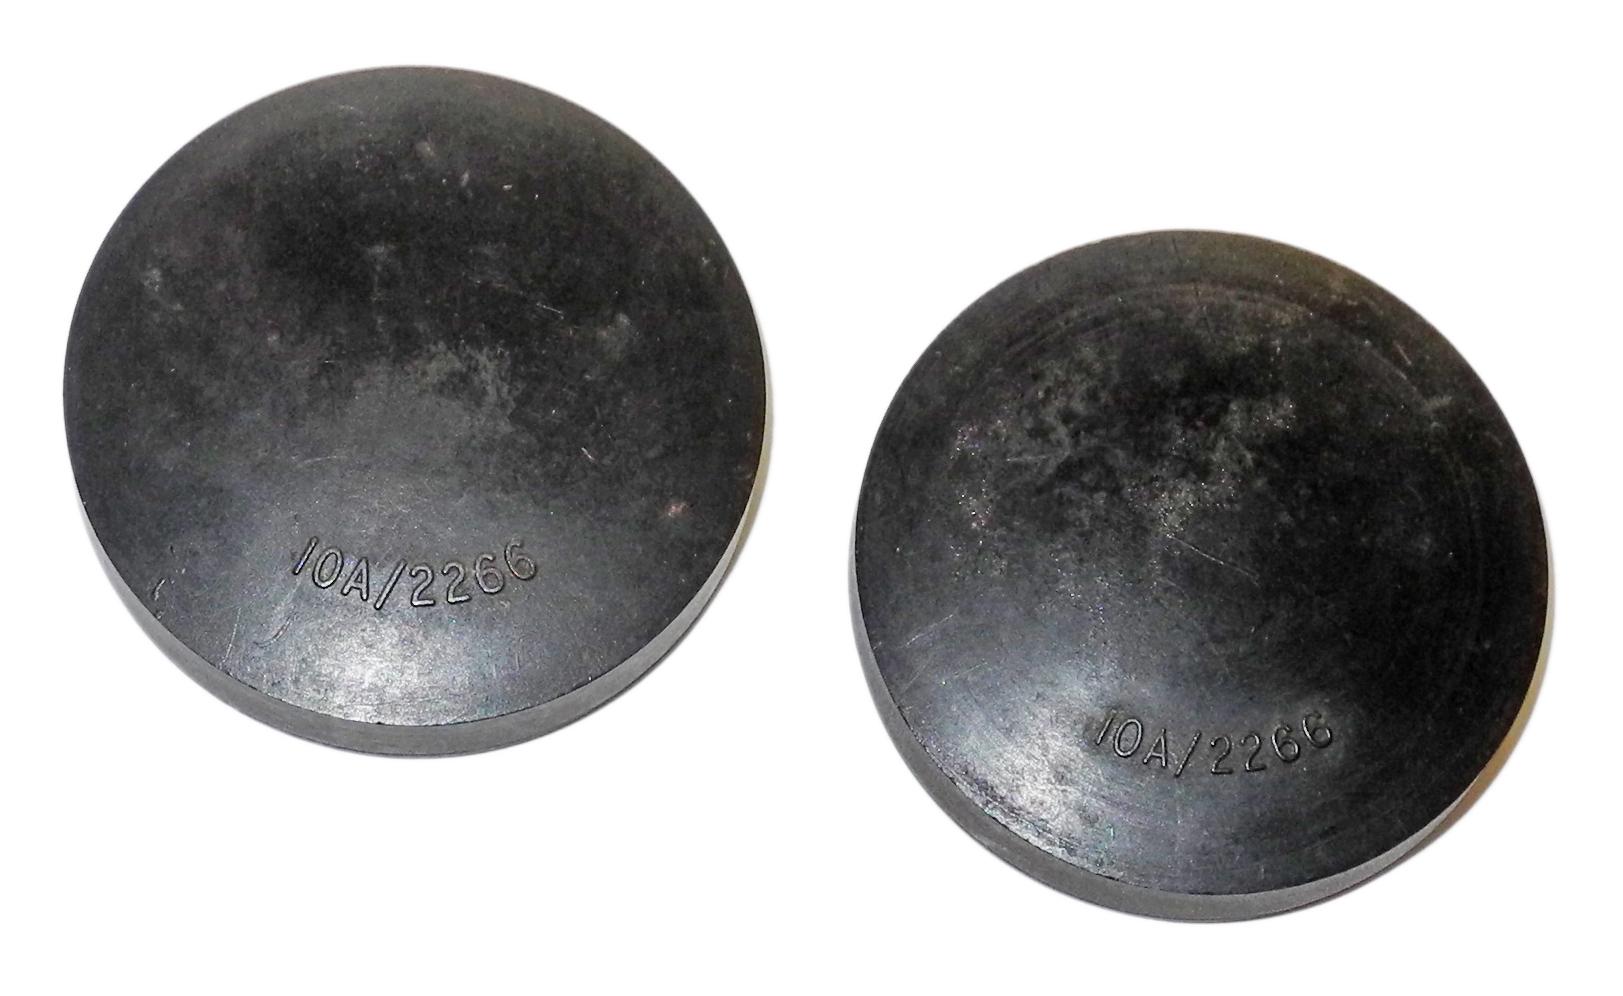 RAF helmet receiver cup caps